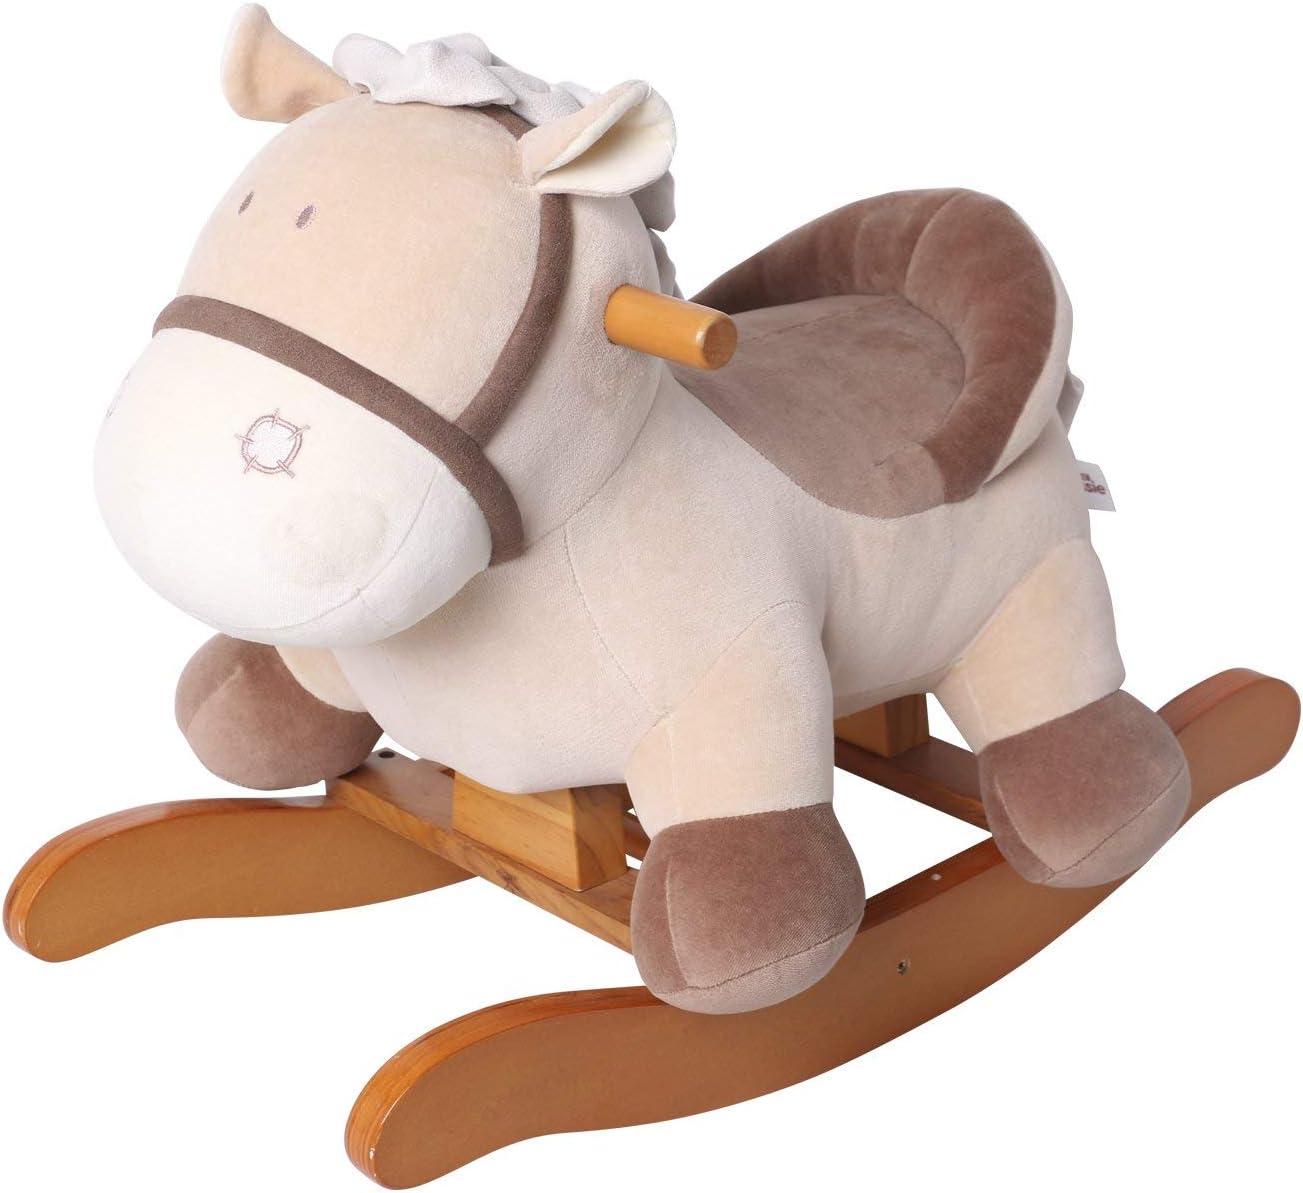 Caballo Mecedora para niños - Burro de Color Caqui, de Madera con Relleno de Tela, Juegos Infantiles de mecedoras